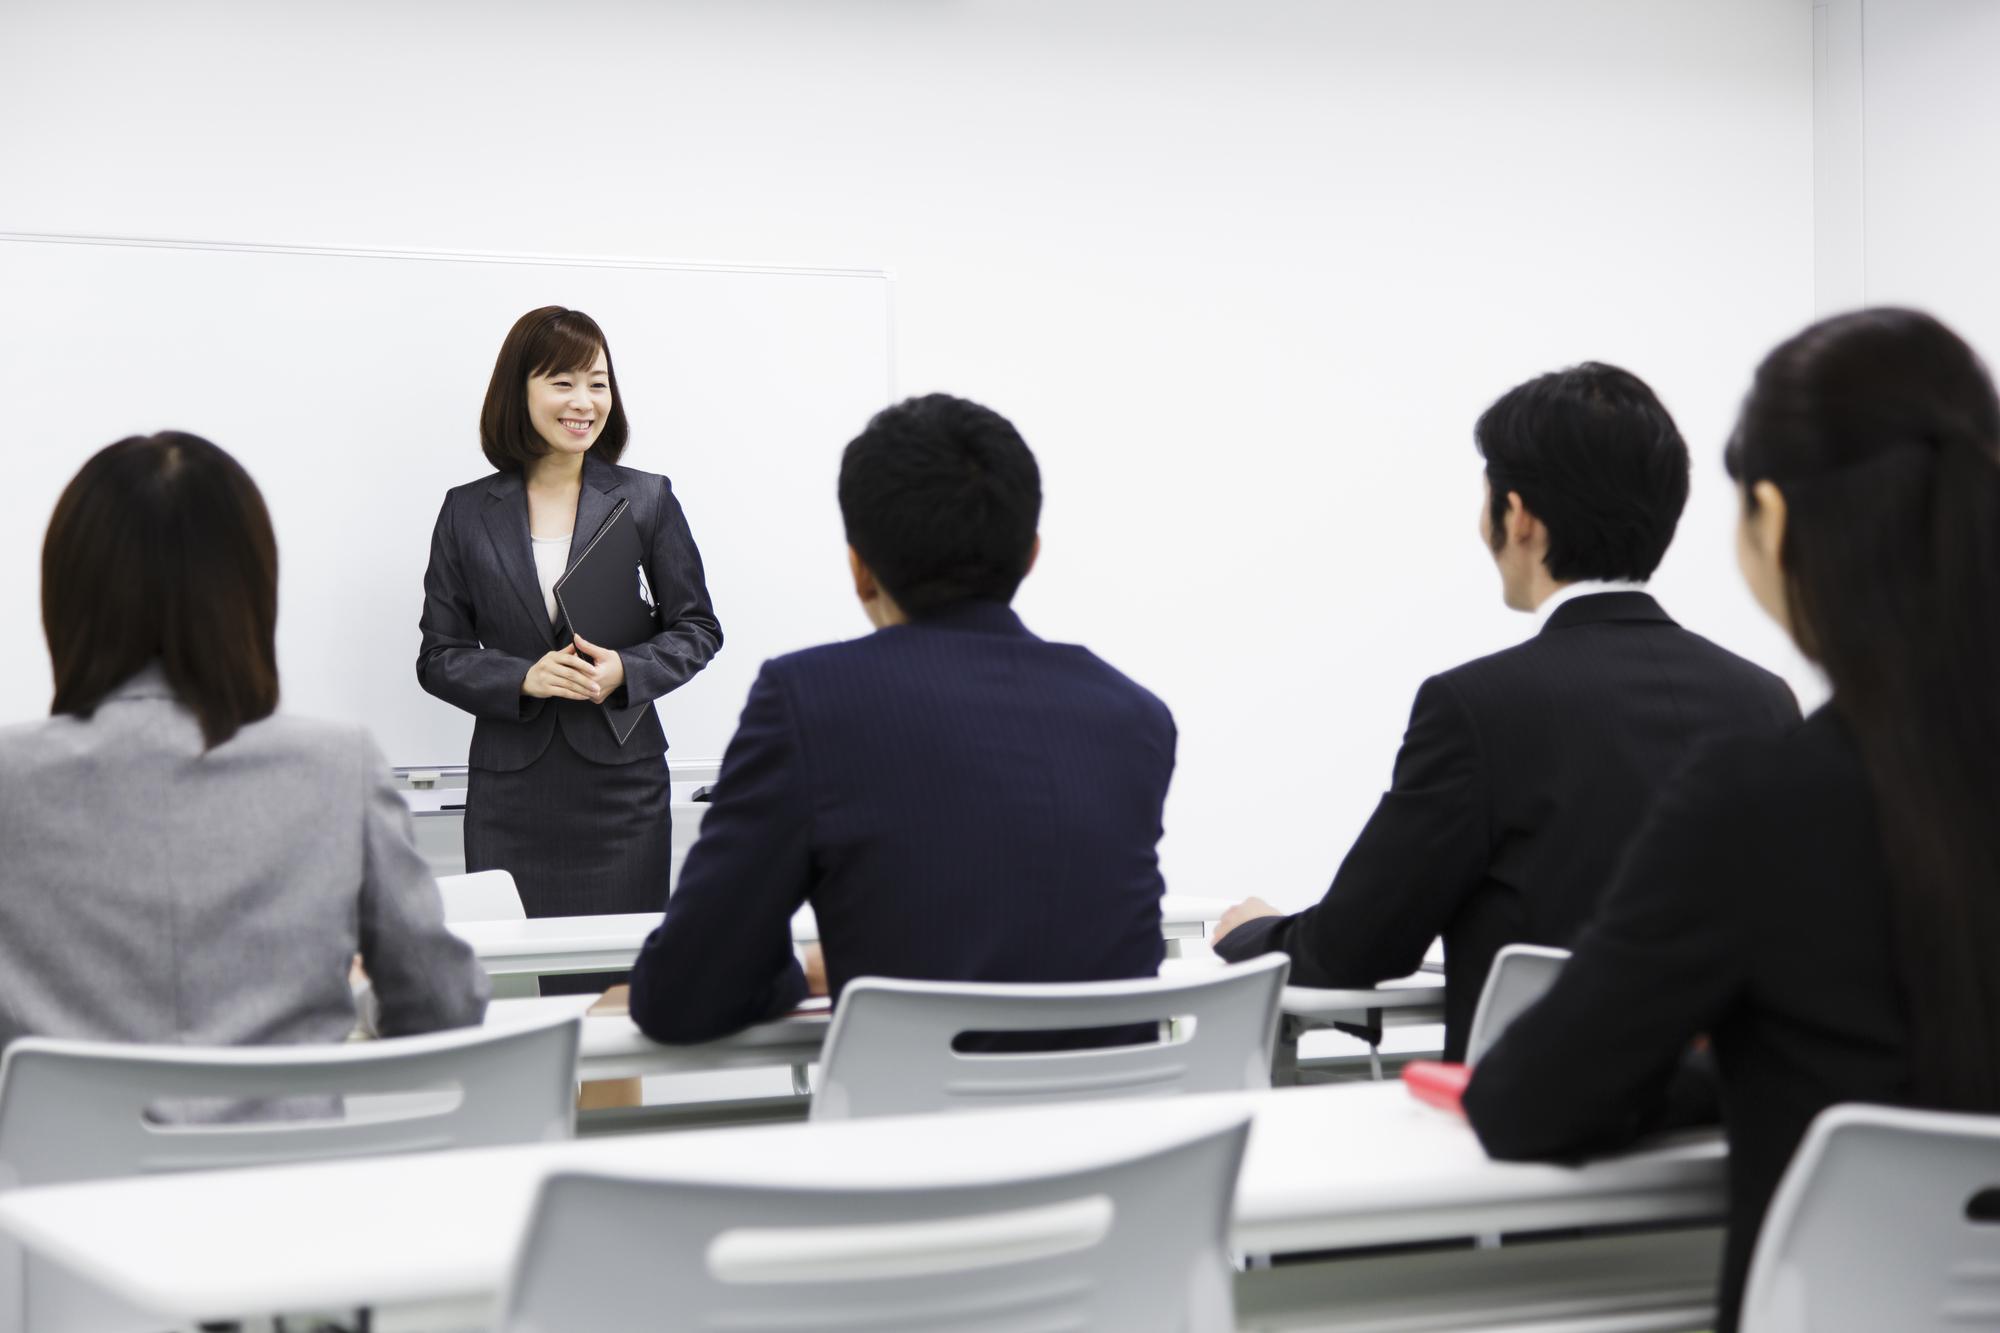 営業マンが取り組むべき勉強方法とは?勉強のコツを網羅!